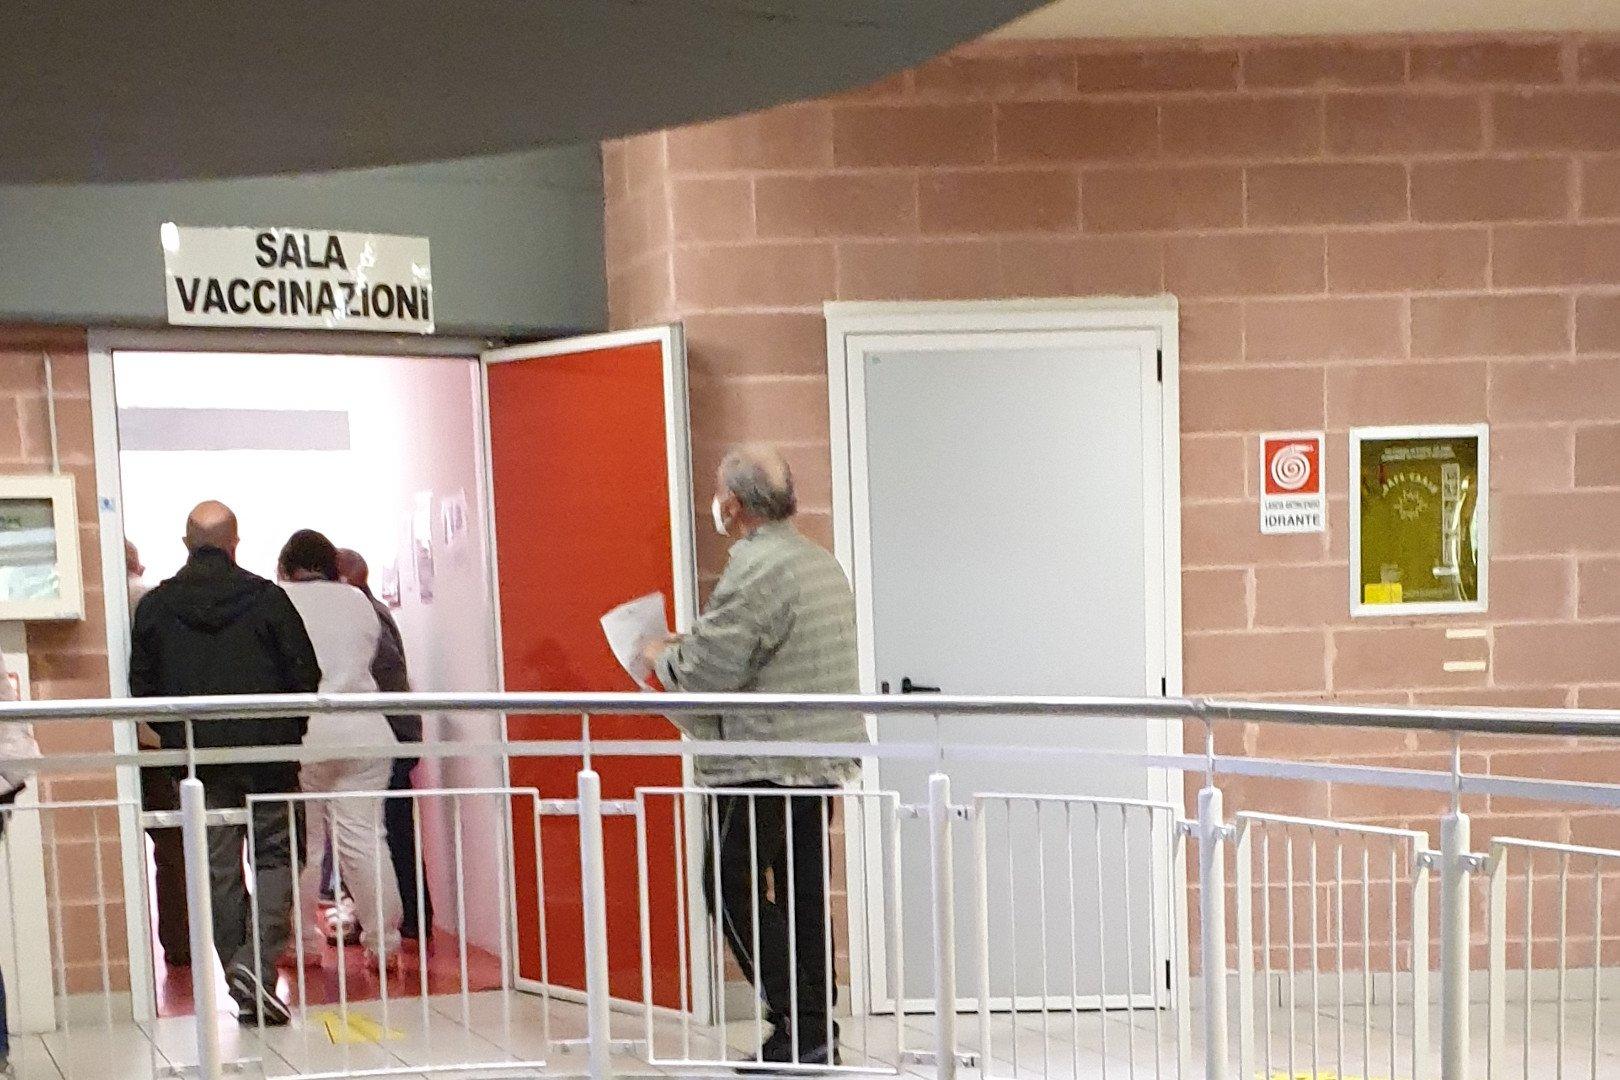 La 'sala vaccinazione' all'interno del 'Palaindoor' di Aosta